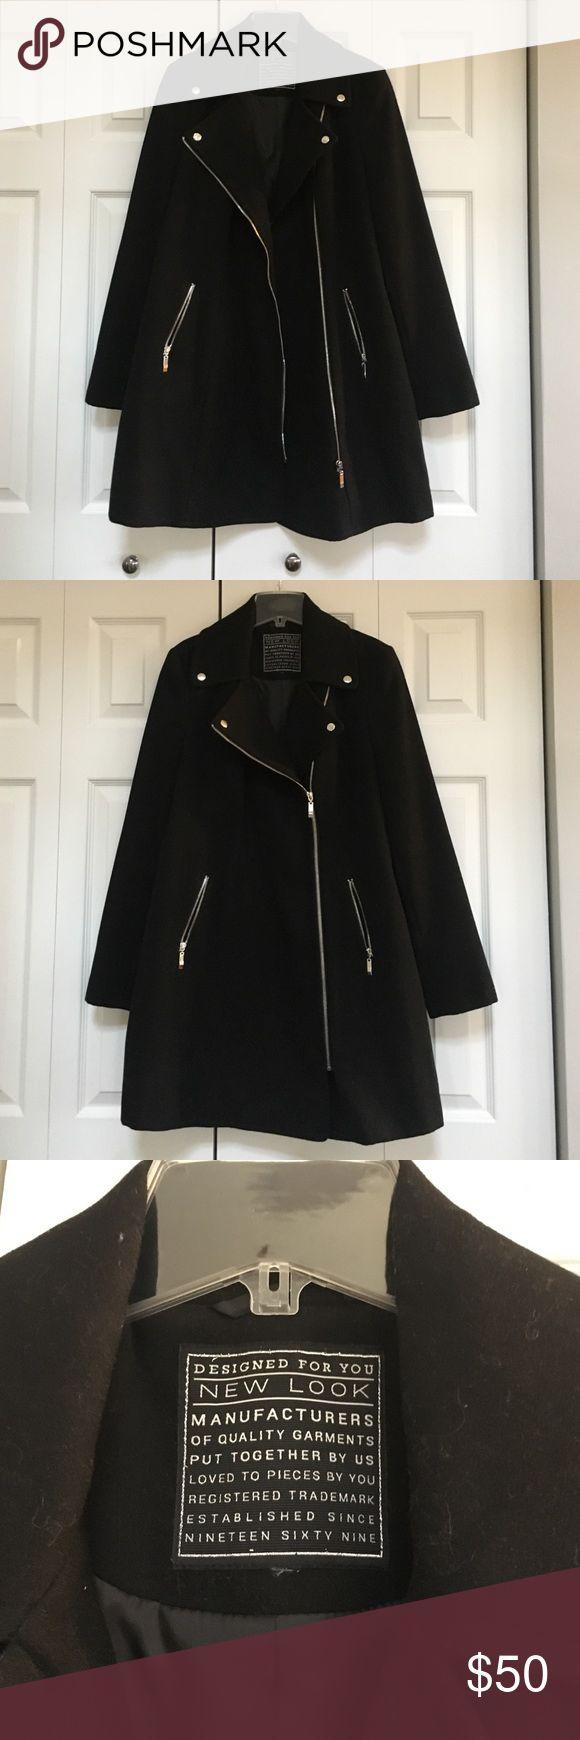 ASOS New Look Black Biker Coat ASOS New Look Black Moto Coat in size 12 ASOS Jackets & Coats